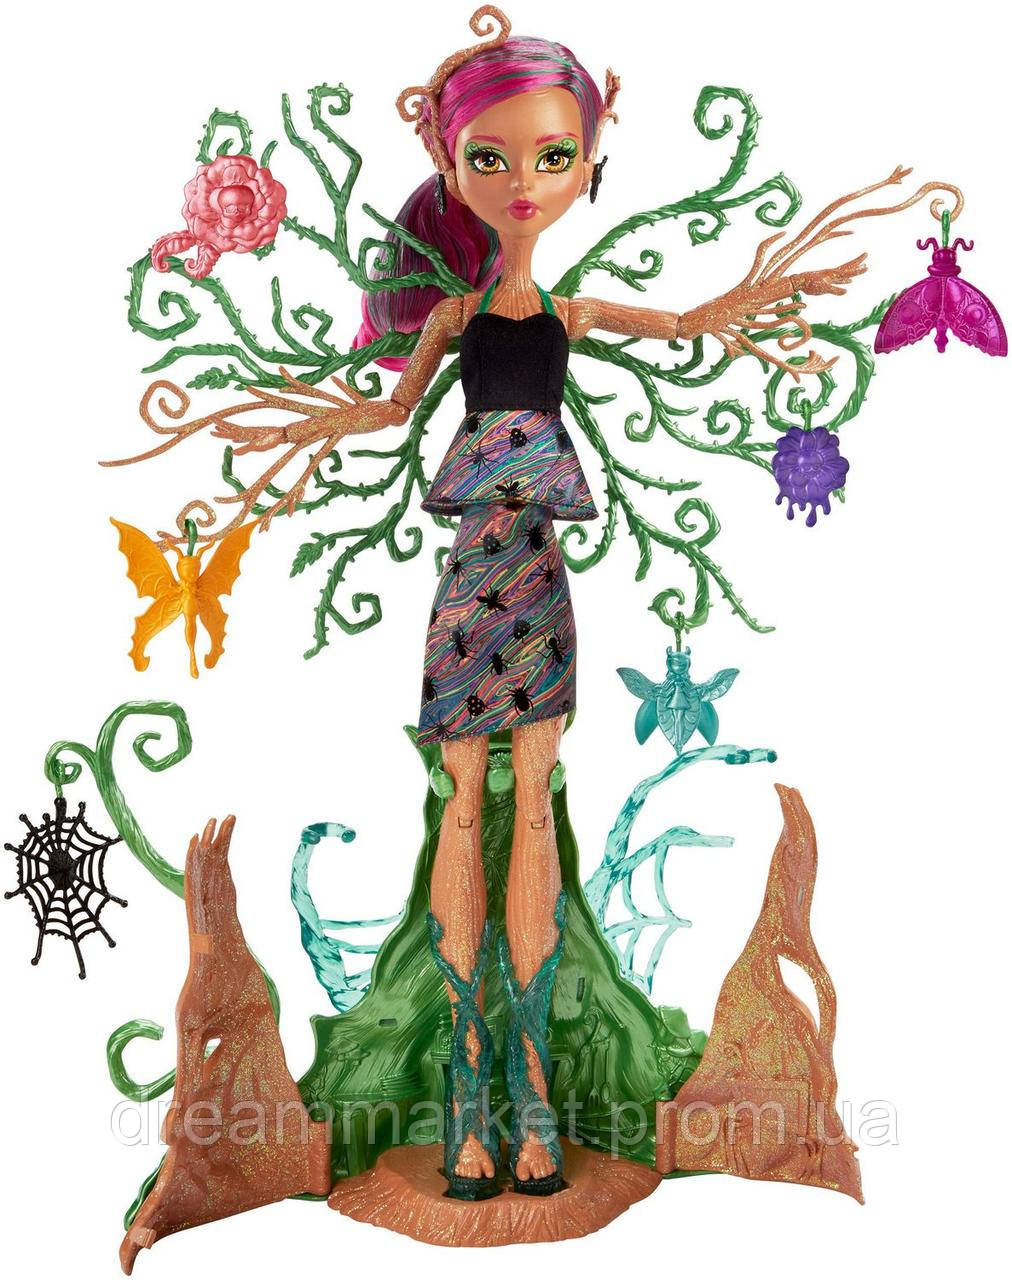 Кукла Монстер Хай Триза Торнвиллоу Садовые Монстры растущая 38см - Monster High Garden Ghouls Treesa